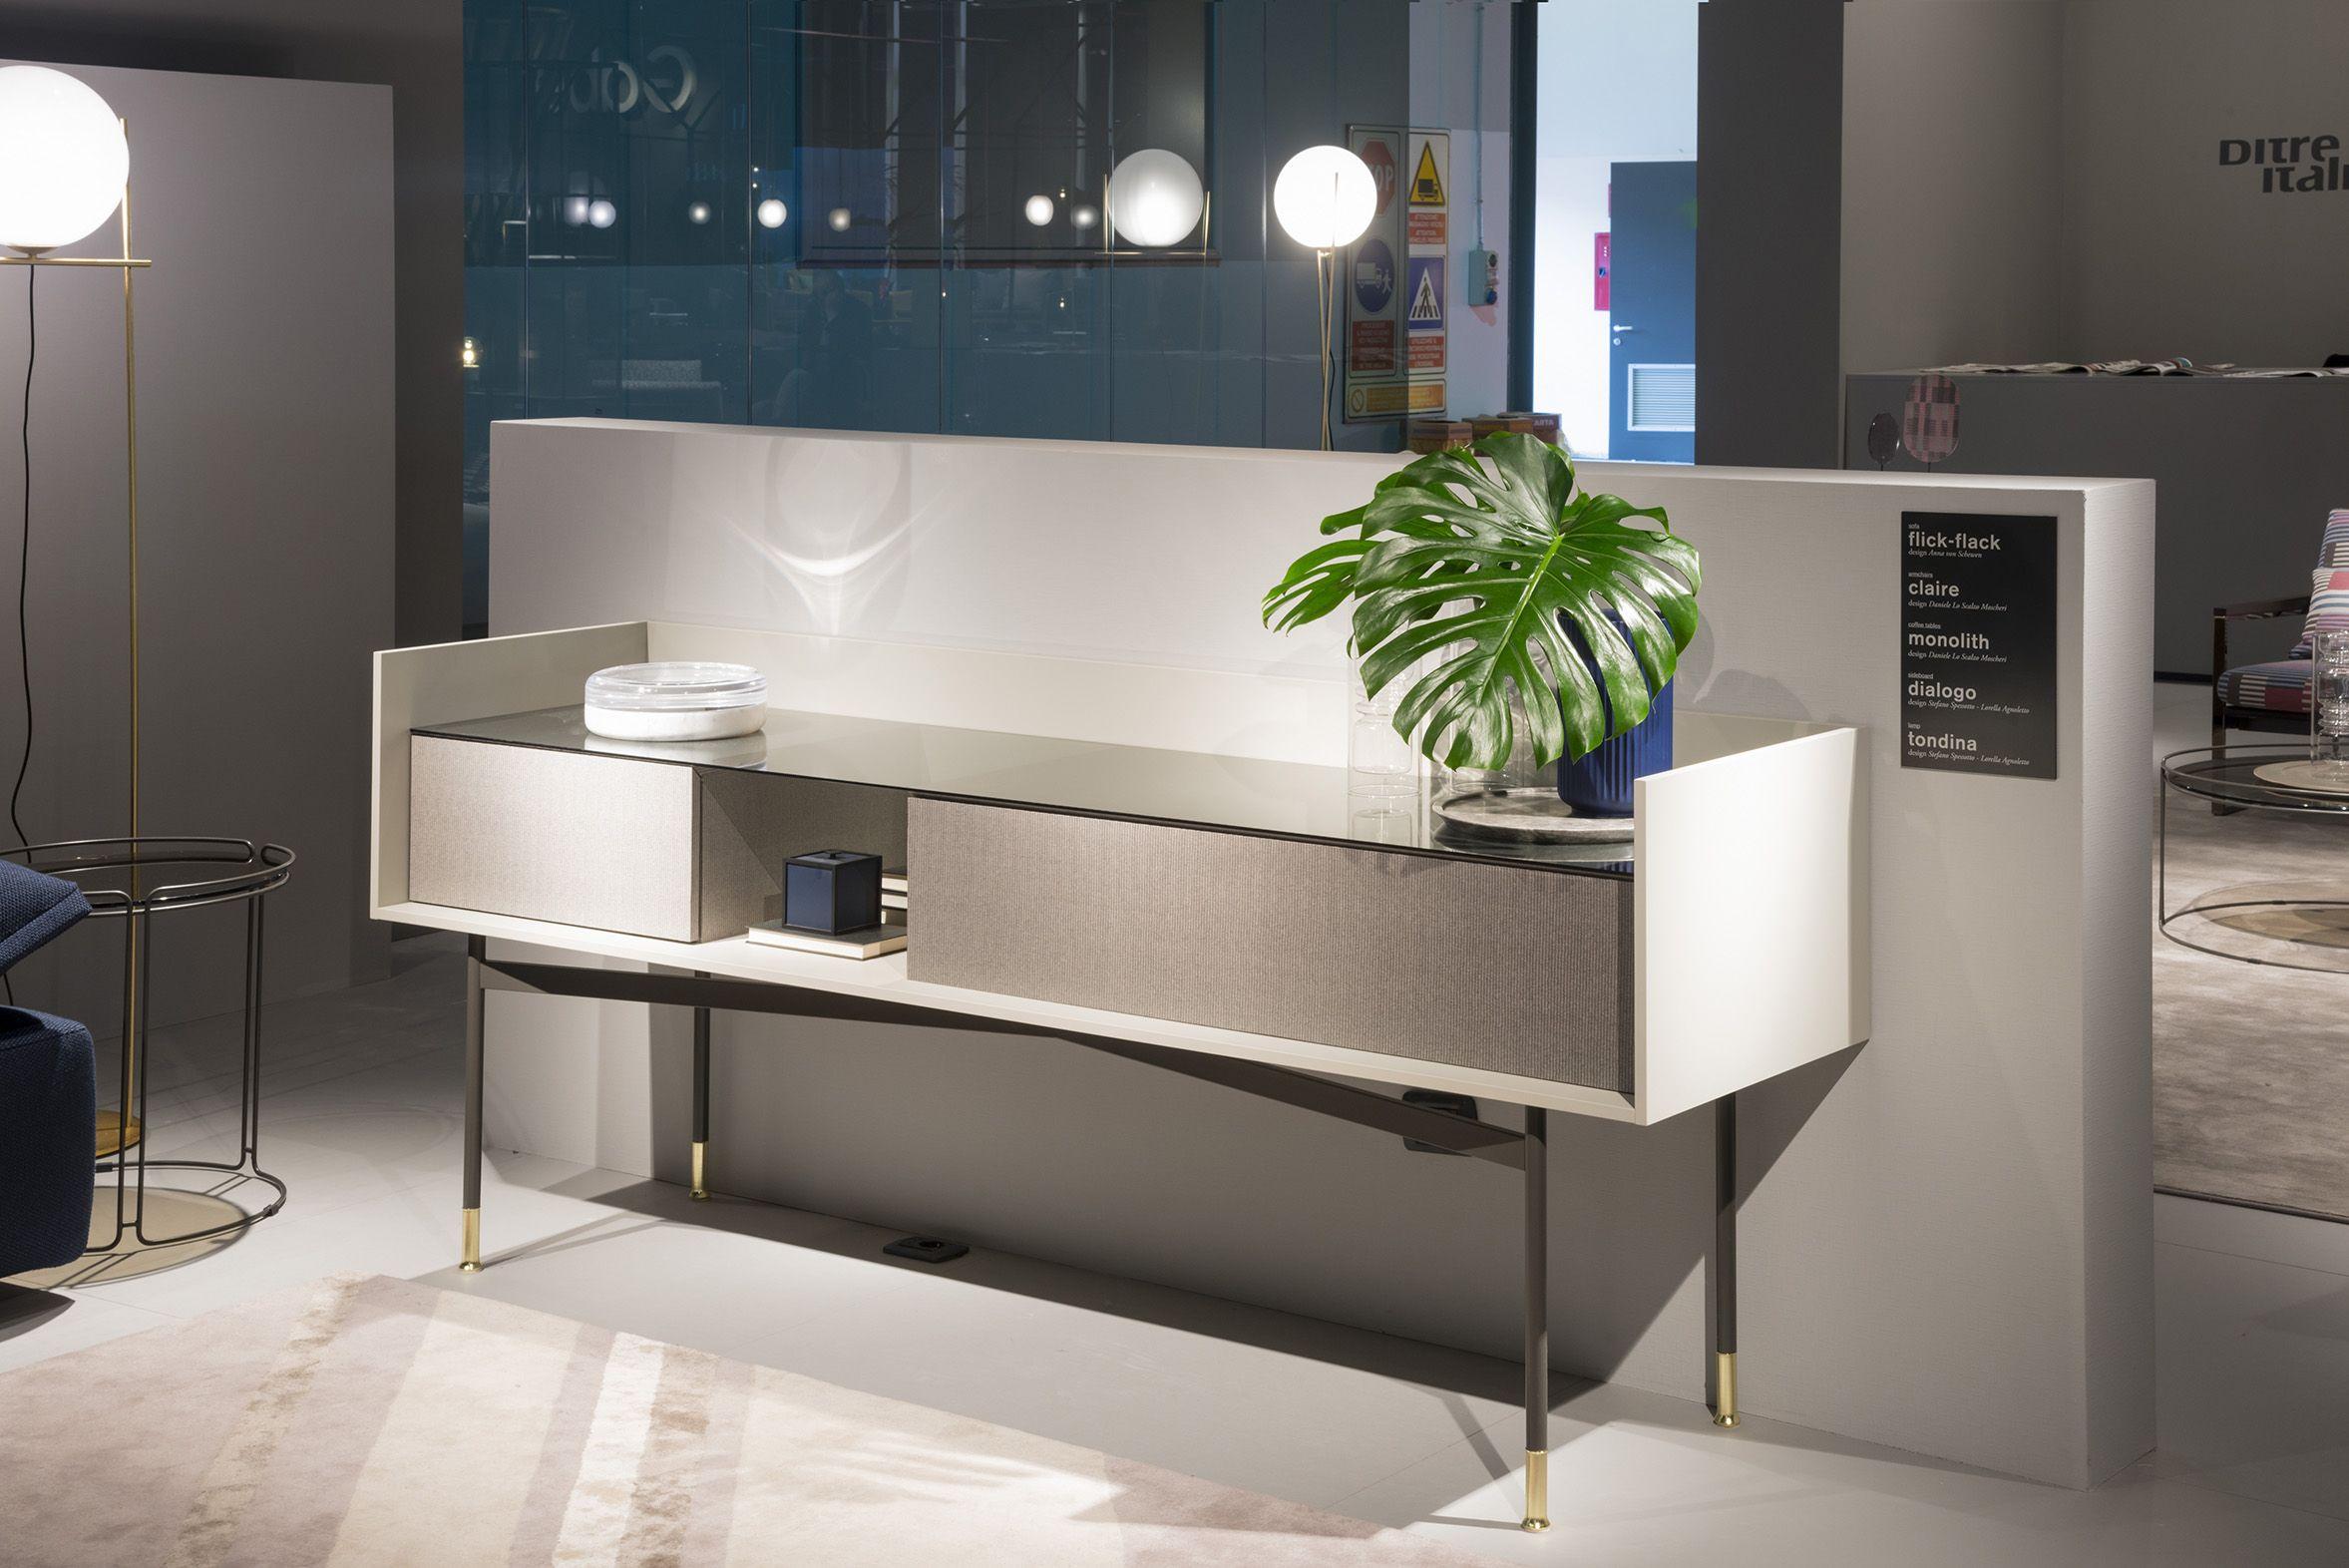 Designer Polsterbetten Ditre Italia Design